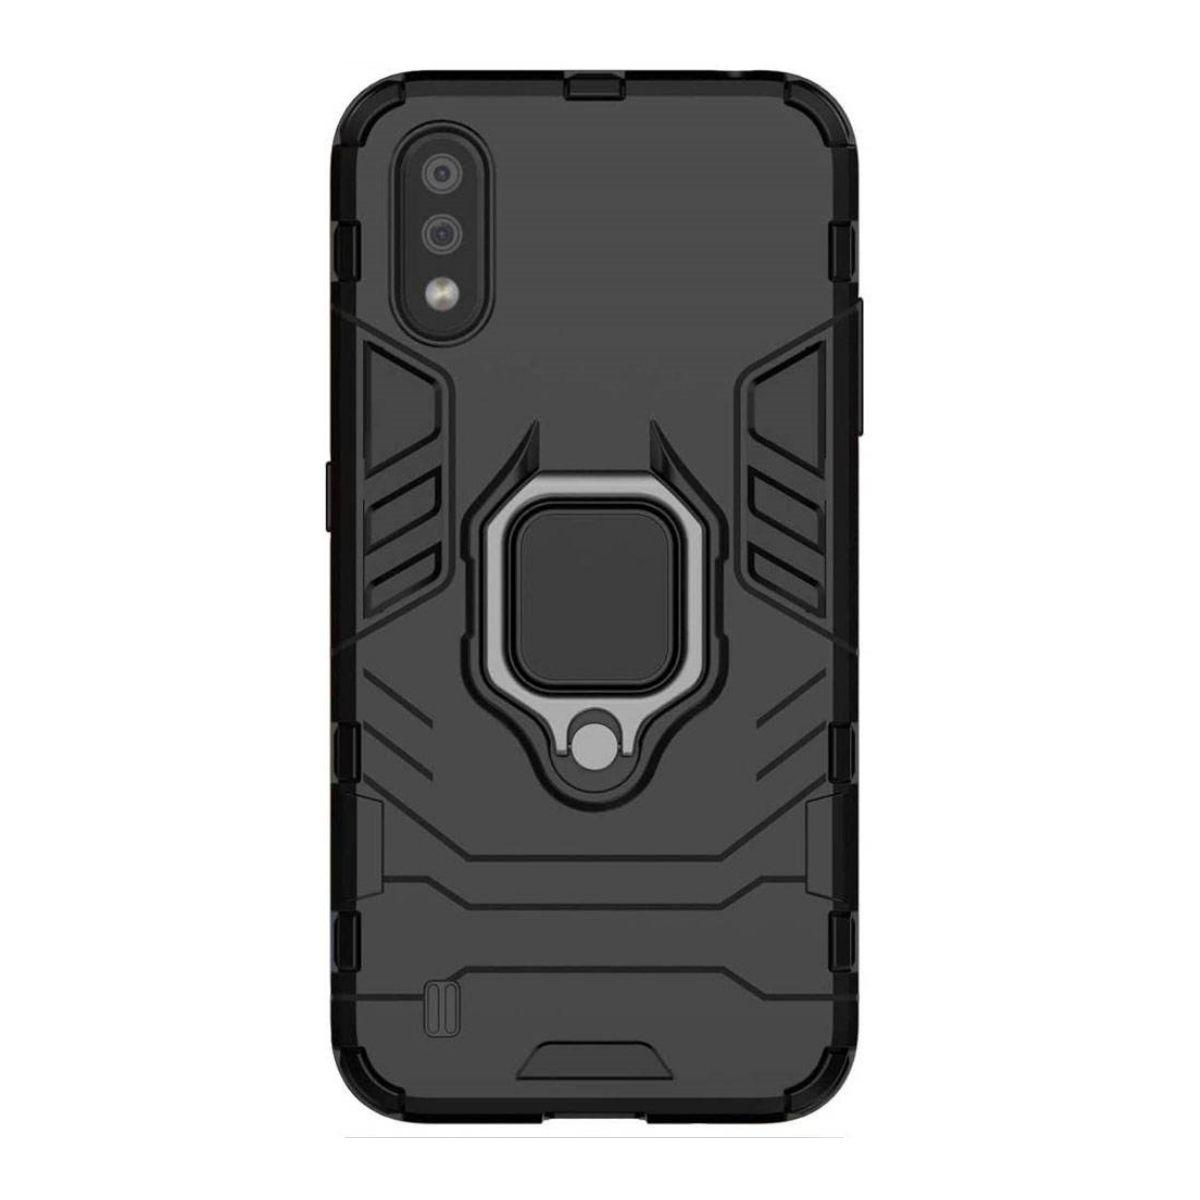 کاور مدل DEF02 مناسب برای گوشی موبایل سامسونگ Galaxy A01